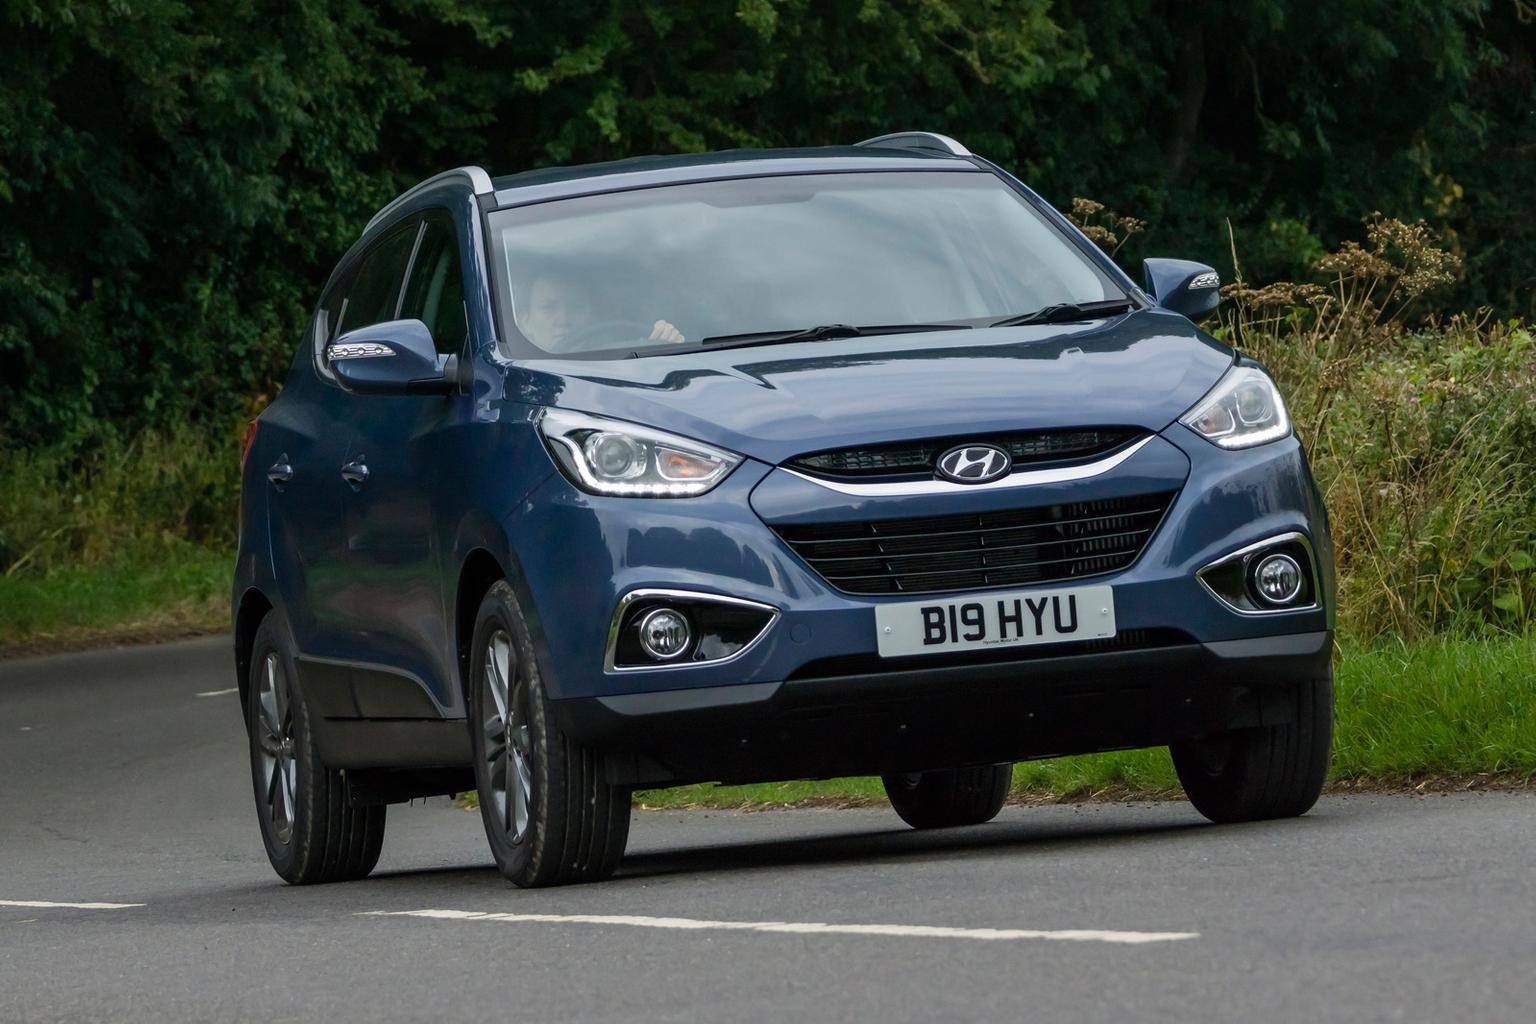 Hyundai ix35 vs Skoda Yeti